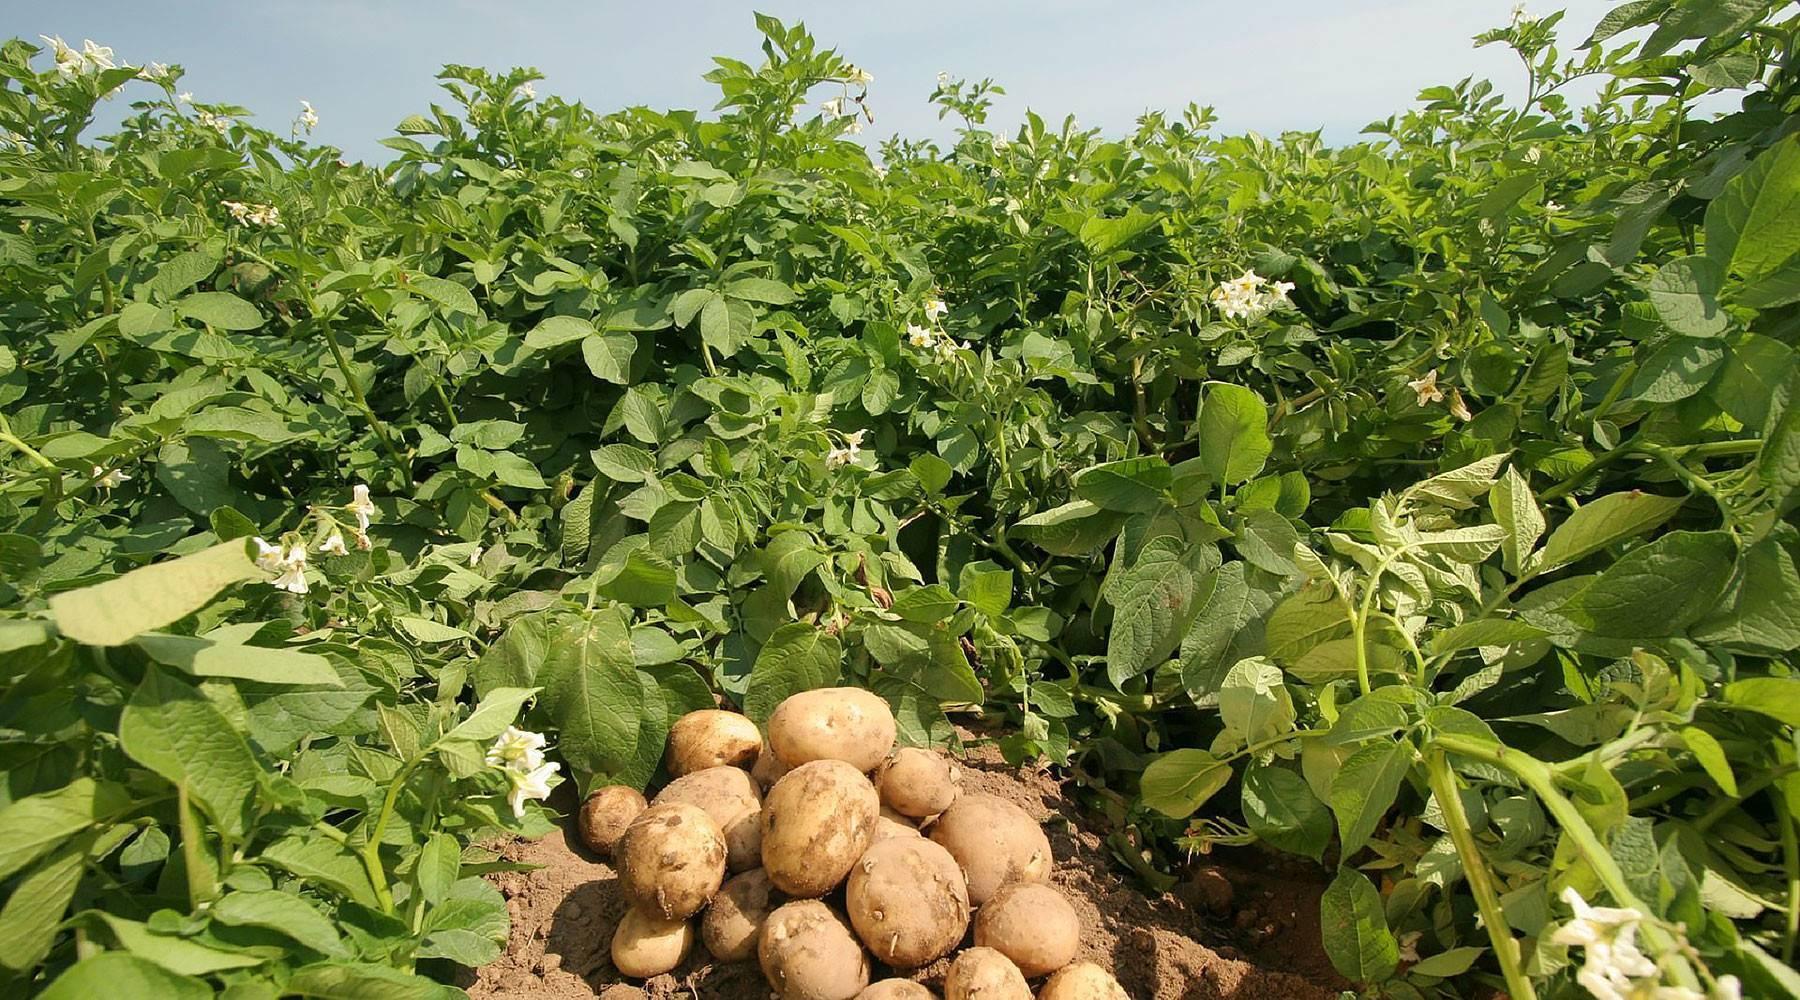 Удобряем картофель минеральными удобрениями: проверенная технология